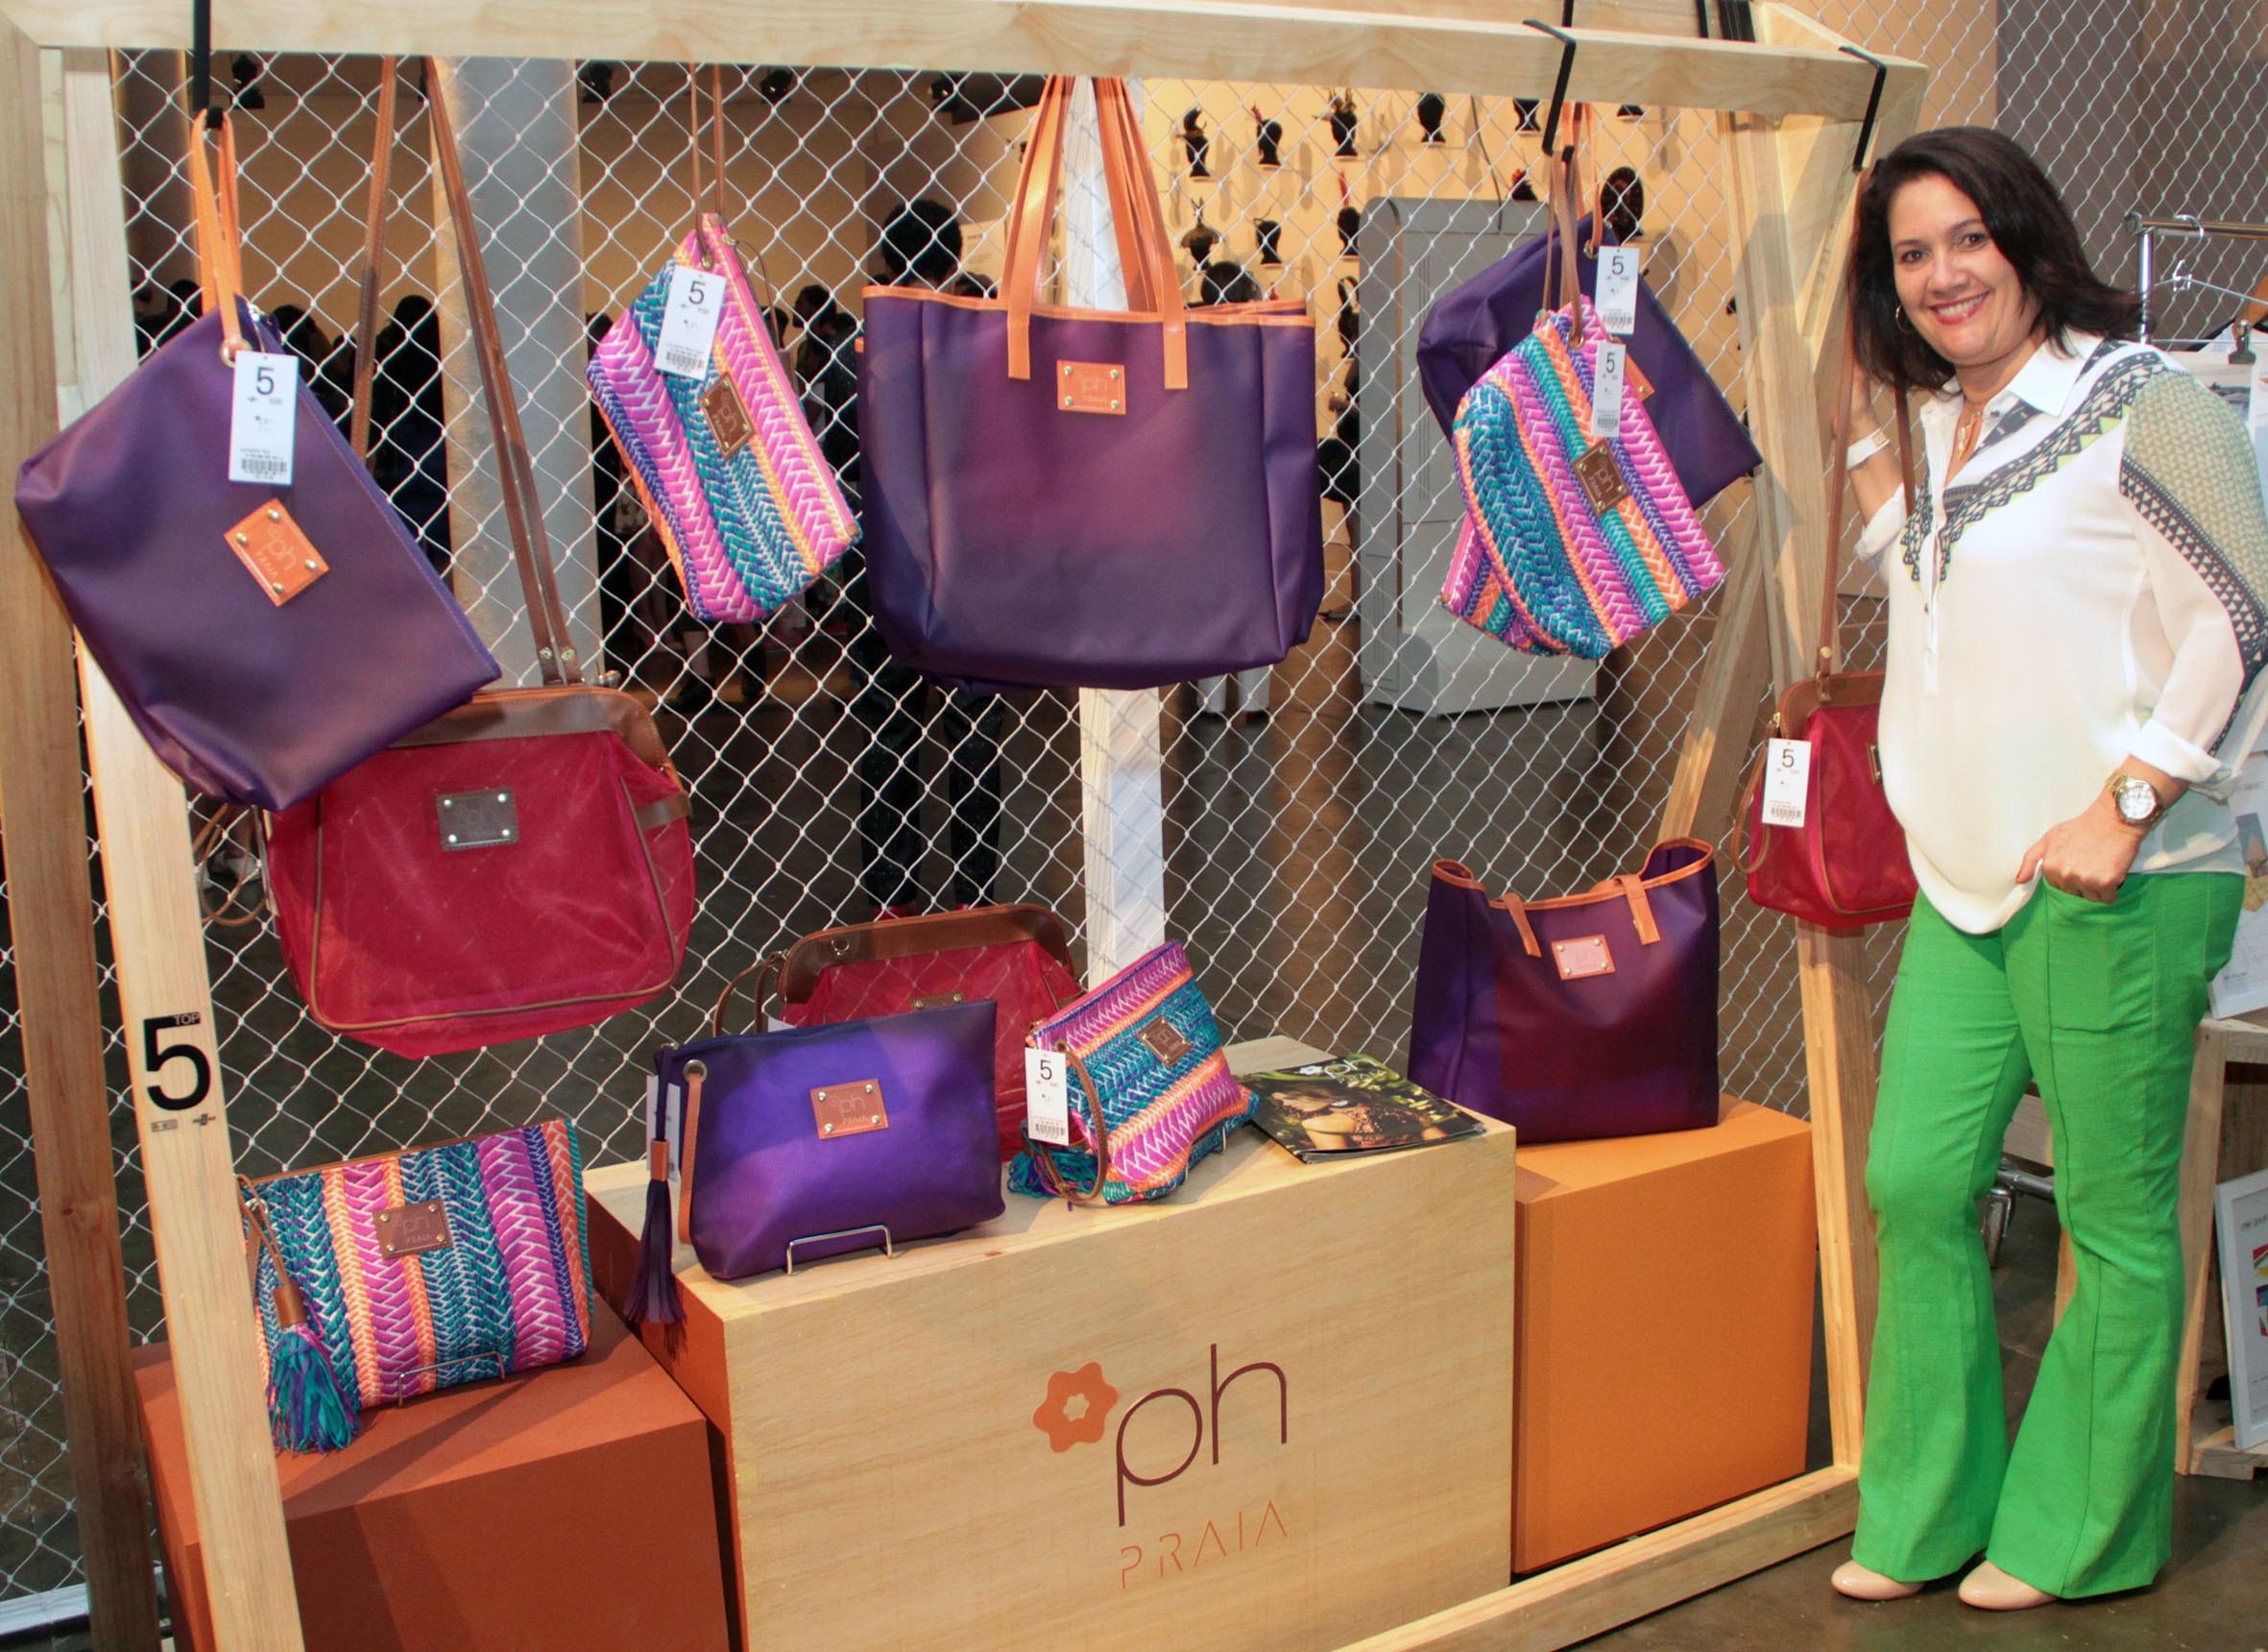 PH Praia - Ana Gomes  (Foto: Regiane Estima)